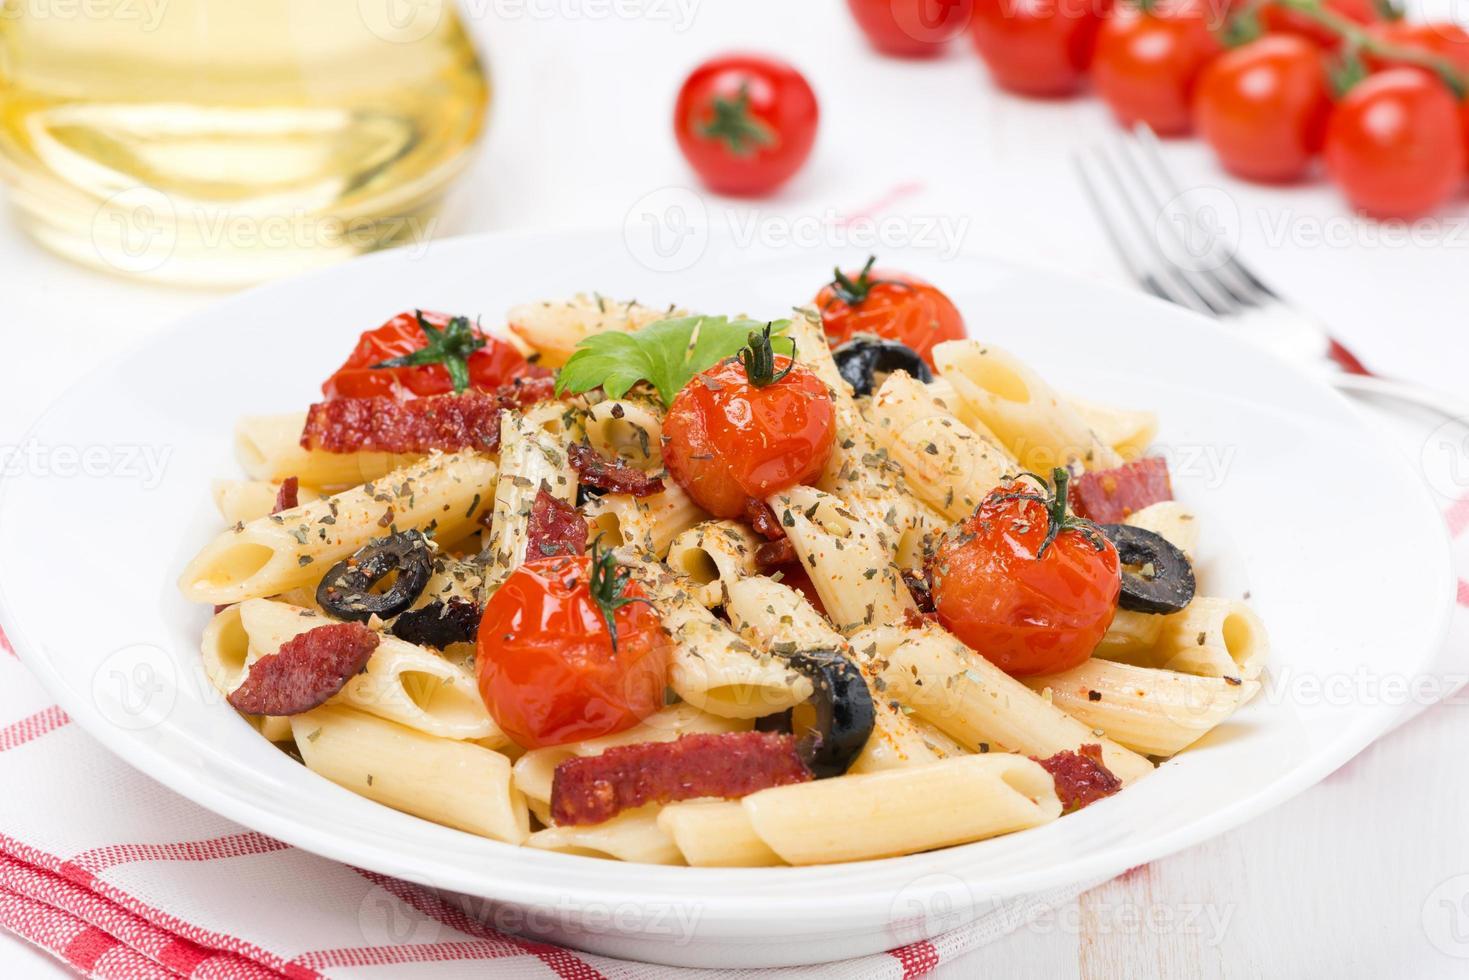 pasta med korv, körsbärstomater och oliver på plattan foto